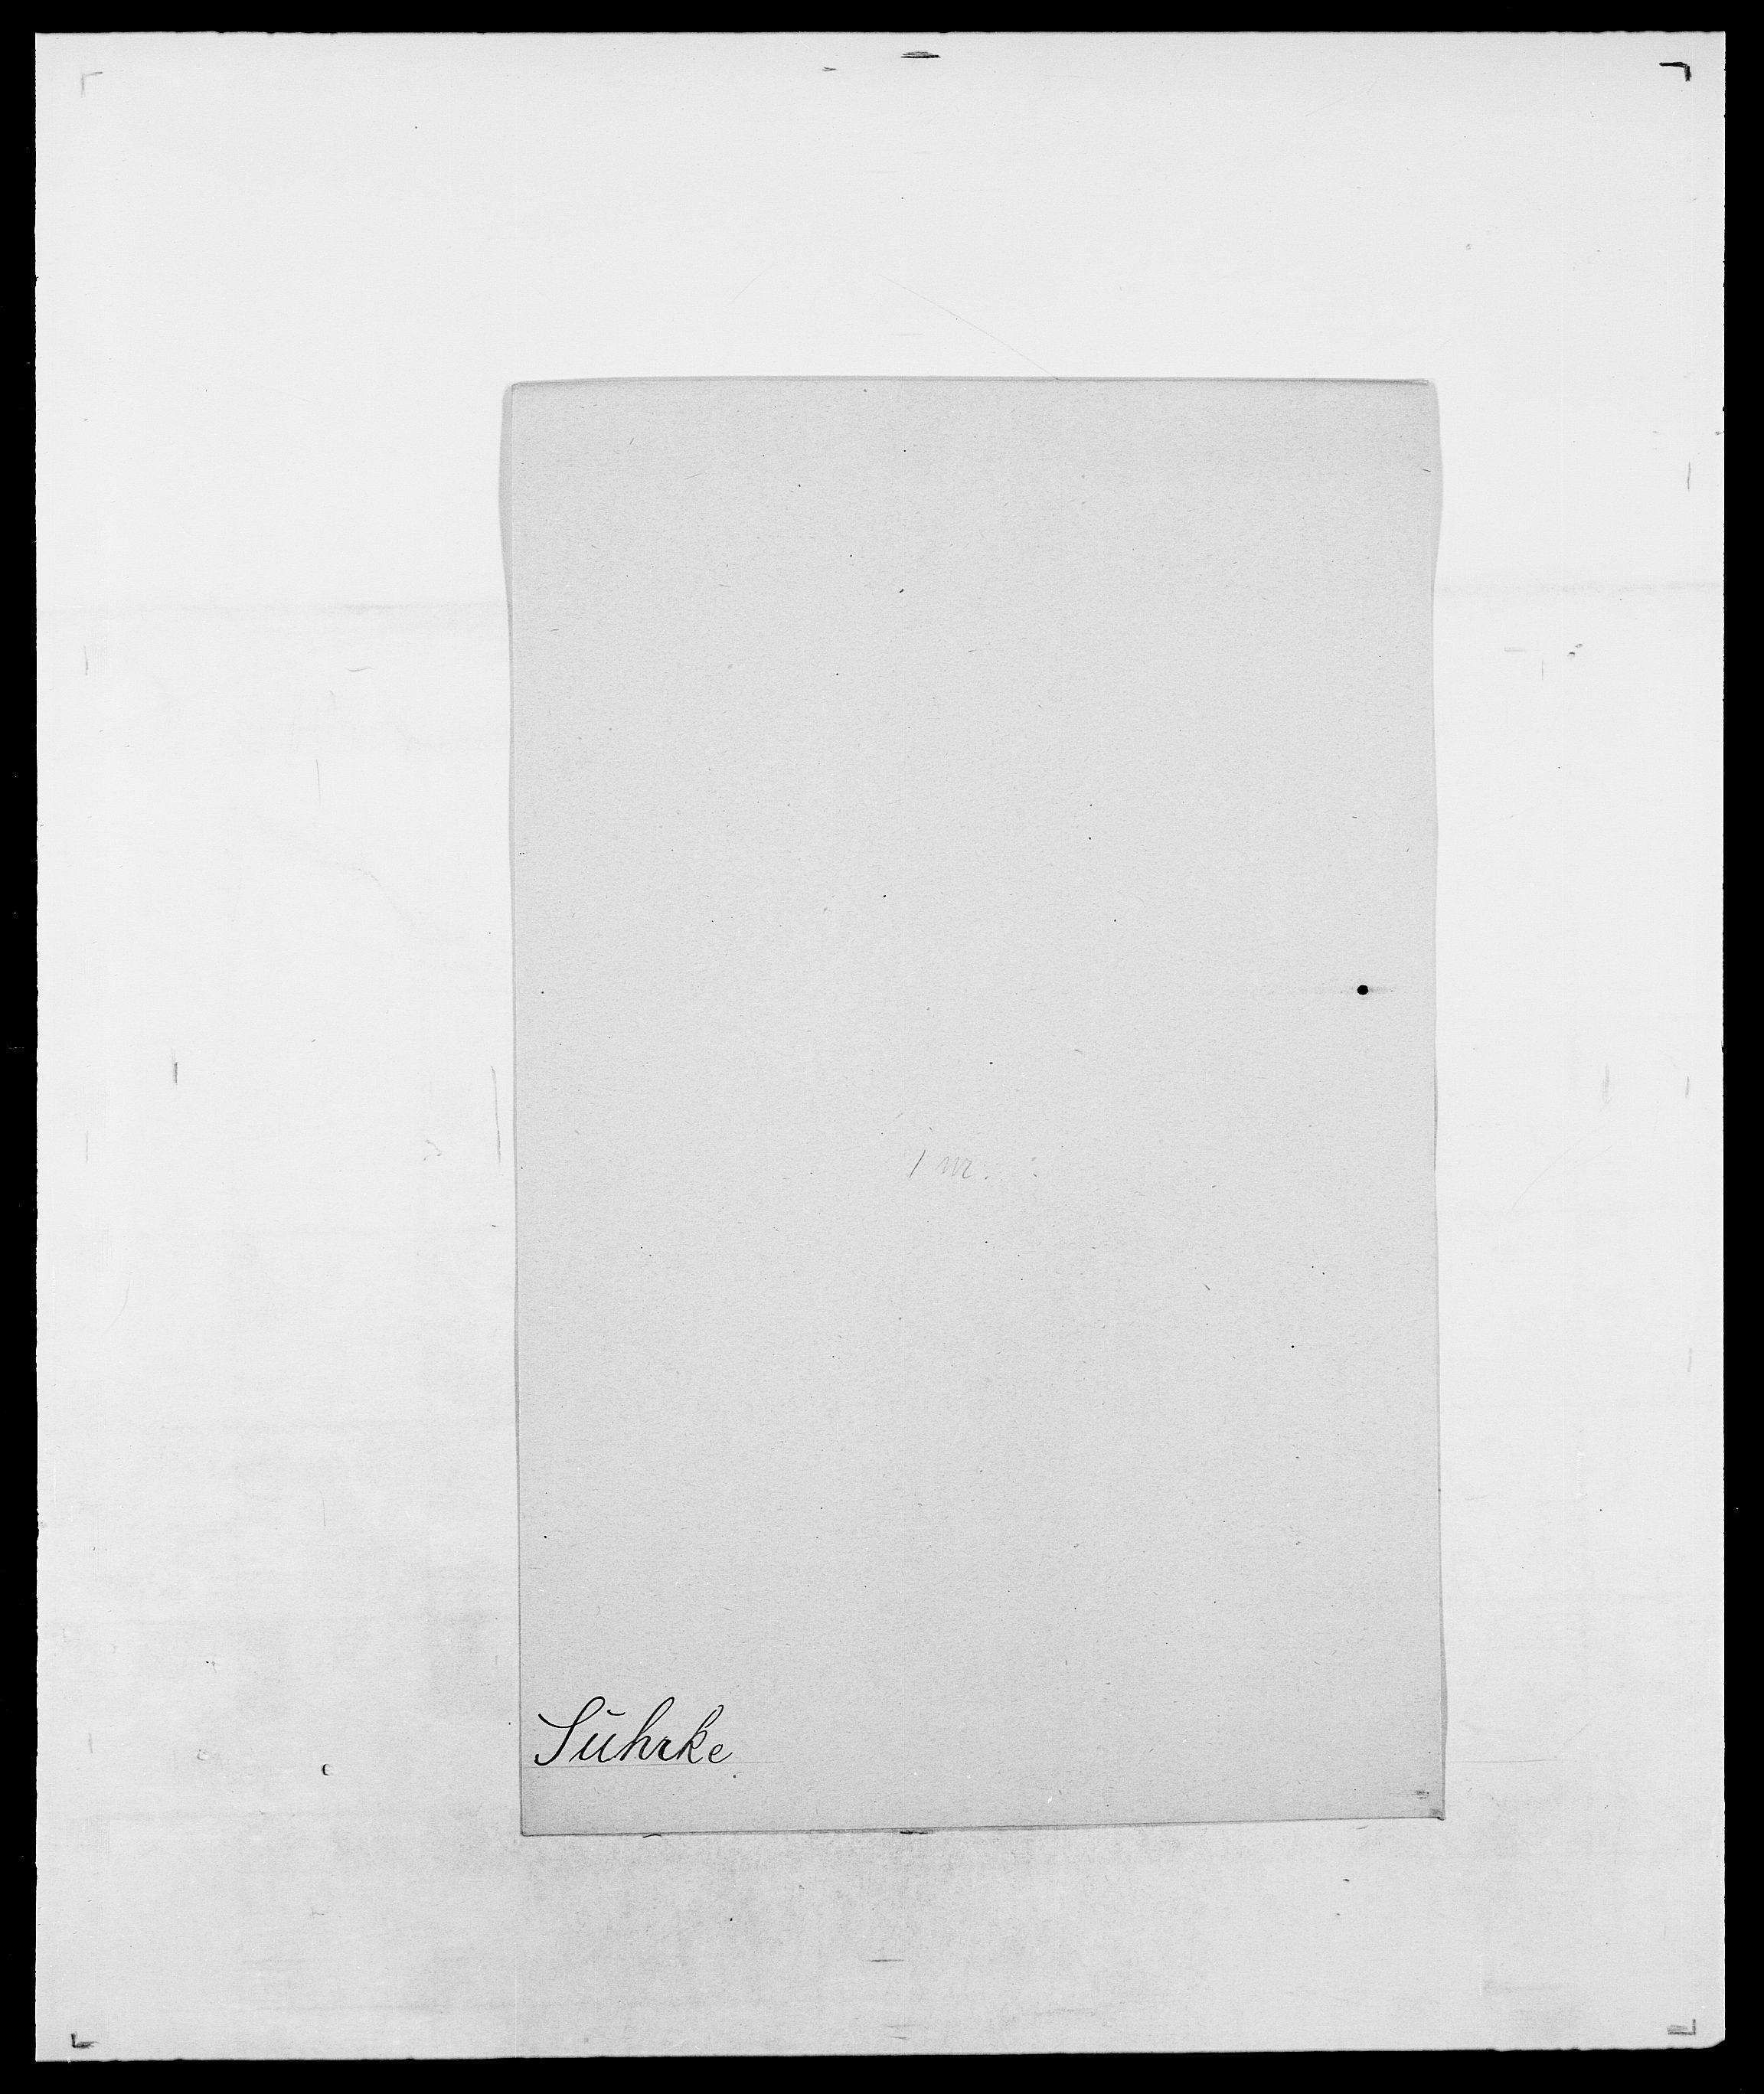 SAO, Delgobe, Charles Antoine - samling, D/Da/L0037: Steen, Sthen, Stein - Svare, Svanige, Svanne, se også Svanning og Schwane, s. 895